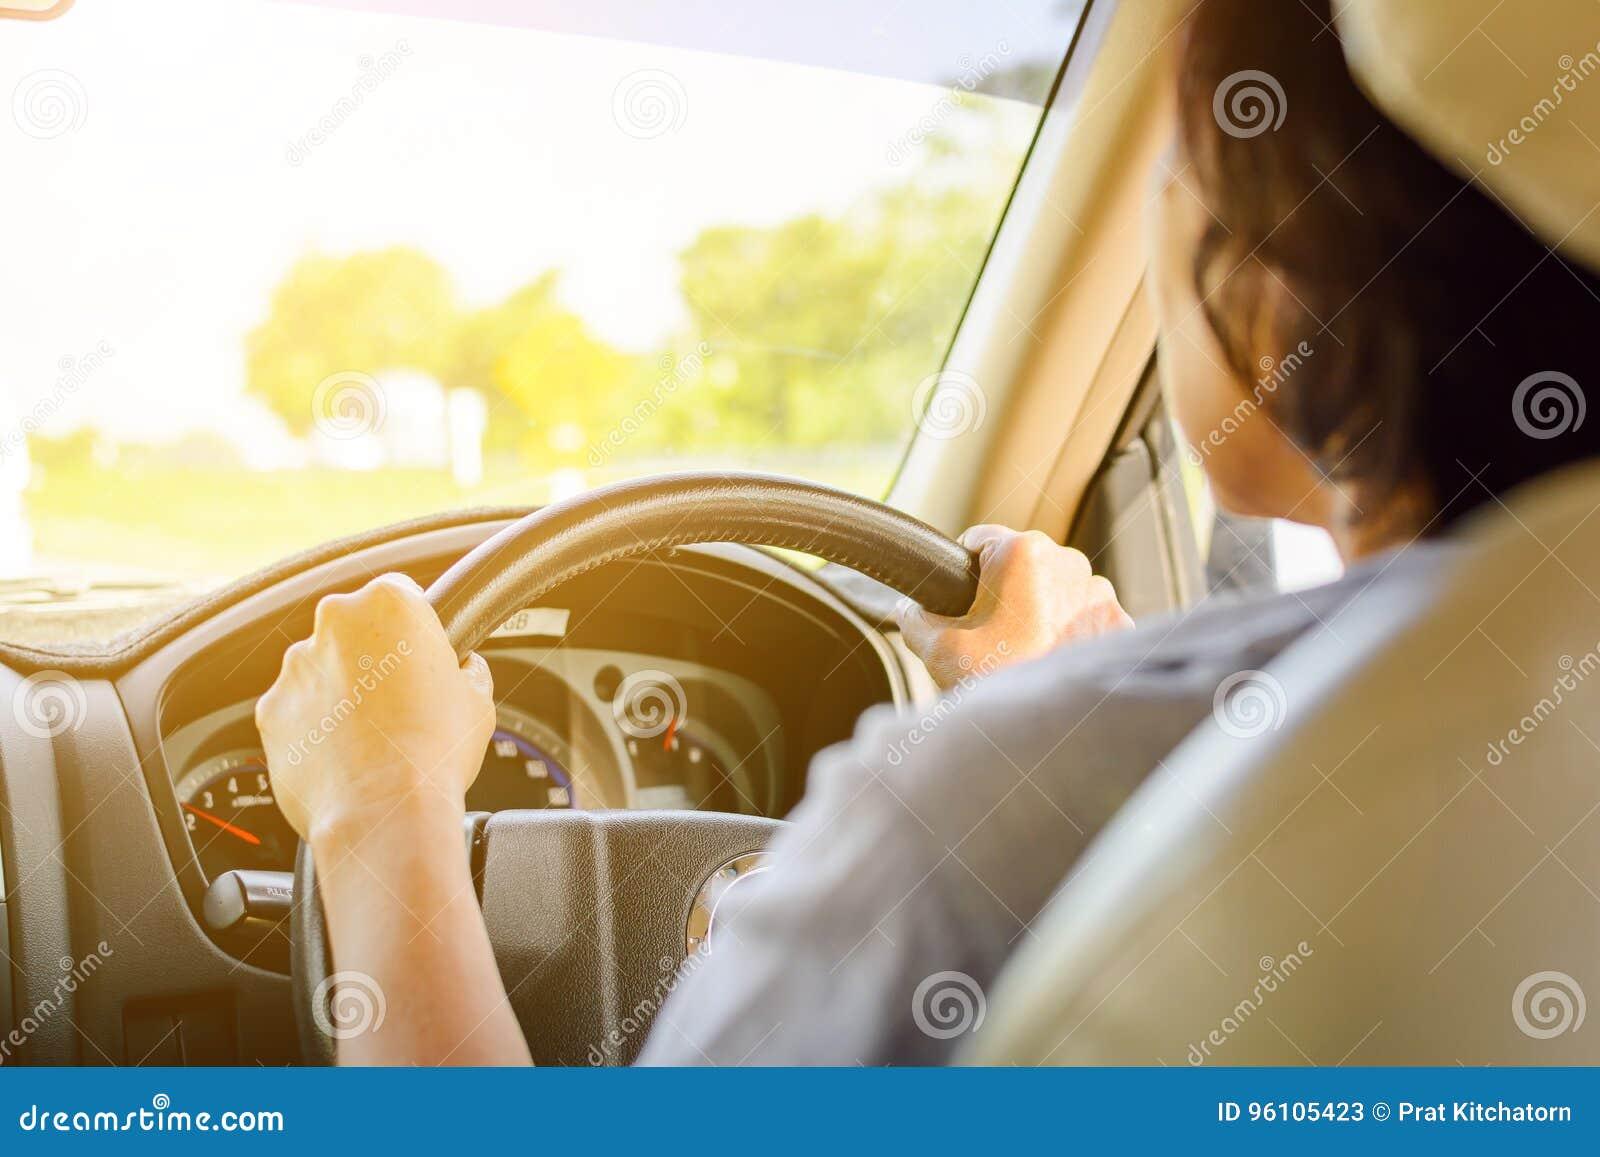 Jechać na wycieczkach samochodowych i ruch drogowy dla bezpieczeństwa